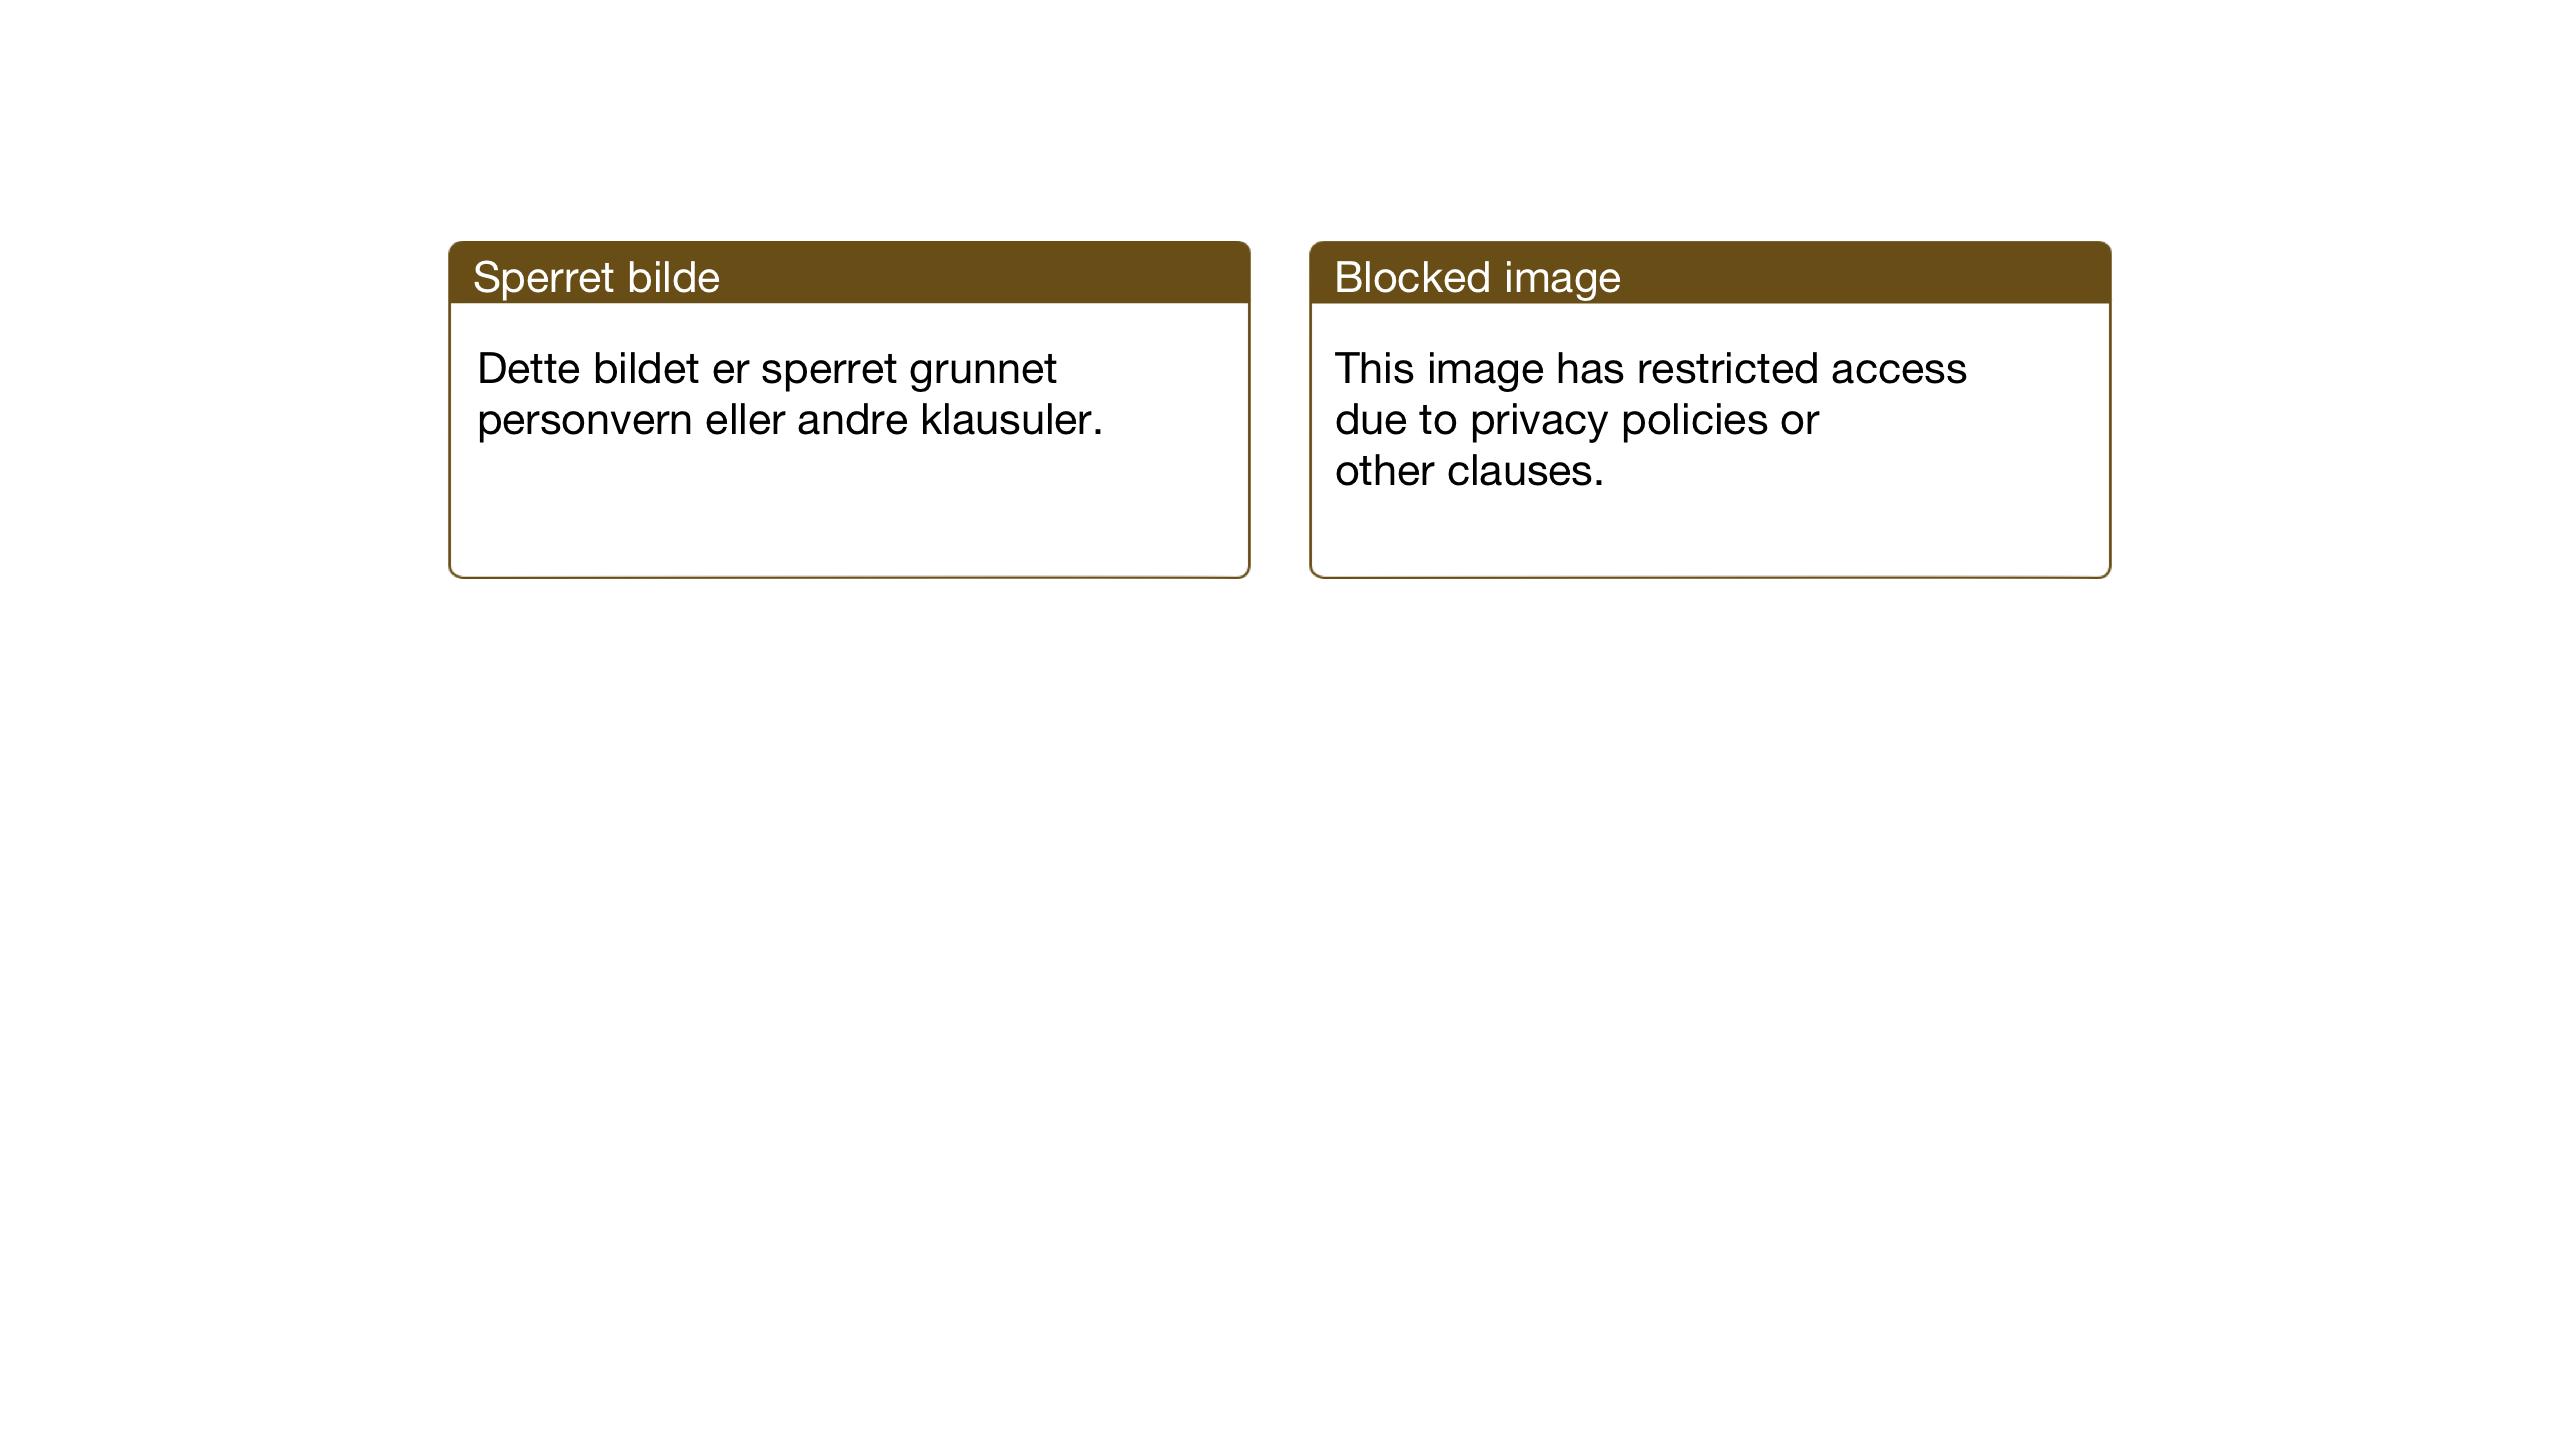 SAT, Ministerialprotokoller, klokkerbøker og fødselsregistre - Sør-Trøndelag, 667/L0799: Klokkerbok nr. 667C04, 1929-1950, s. 7